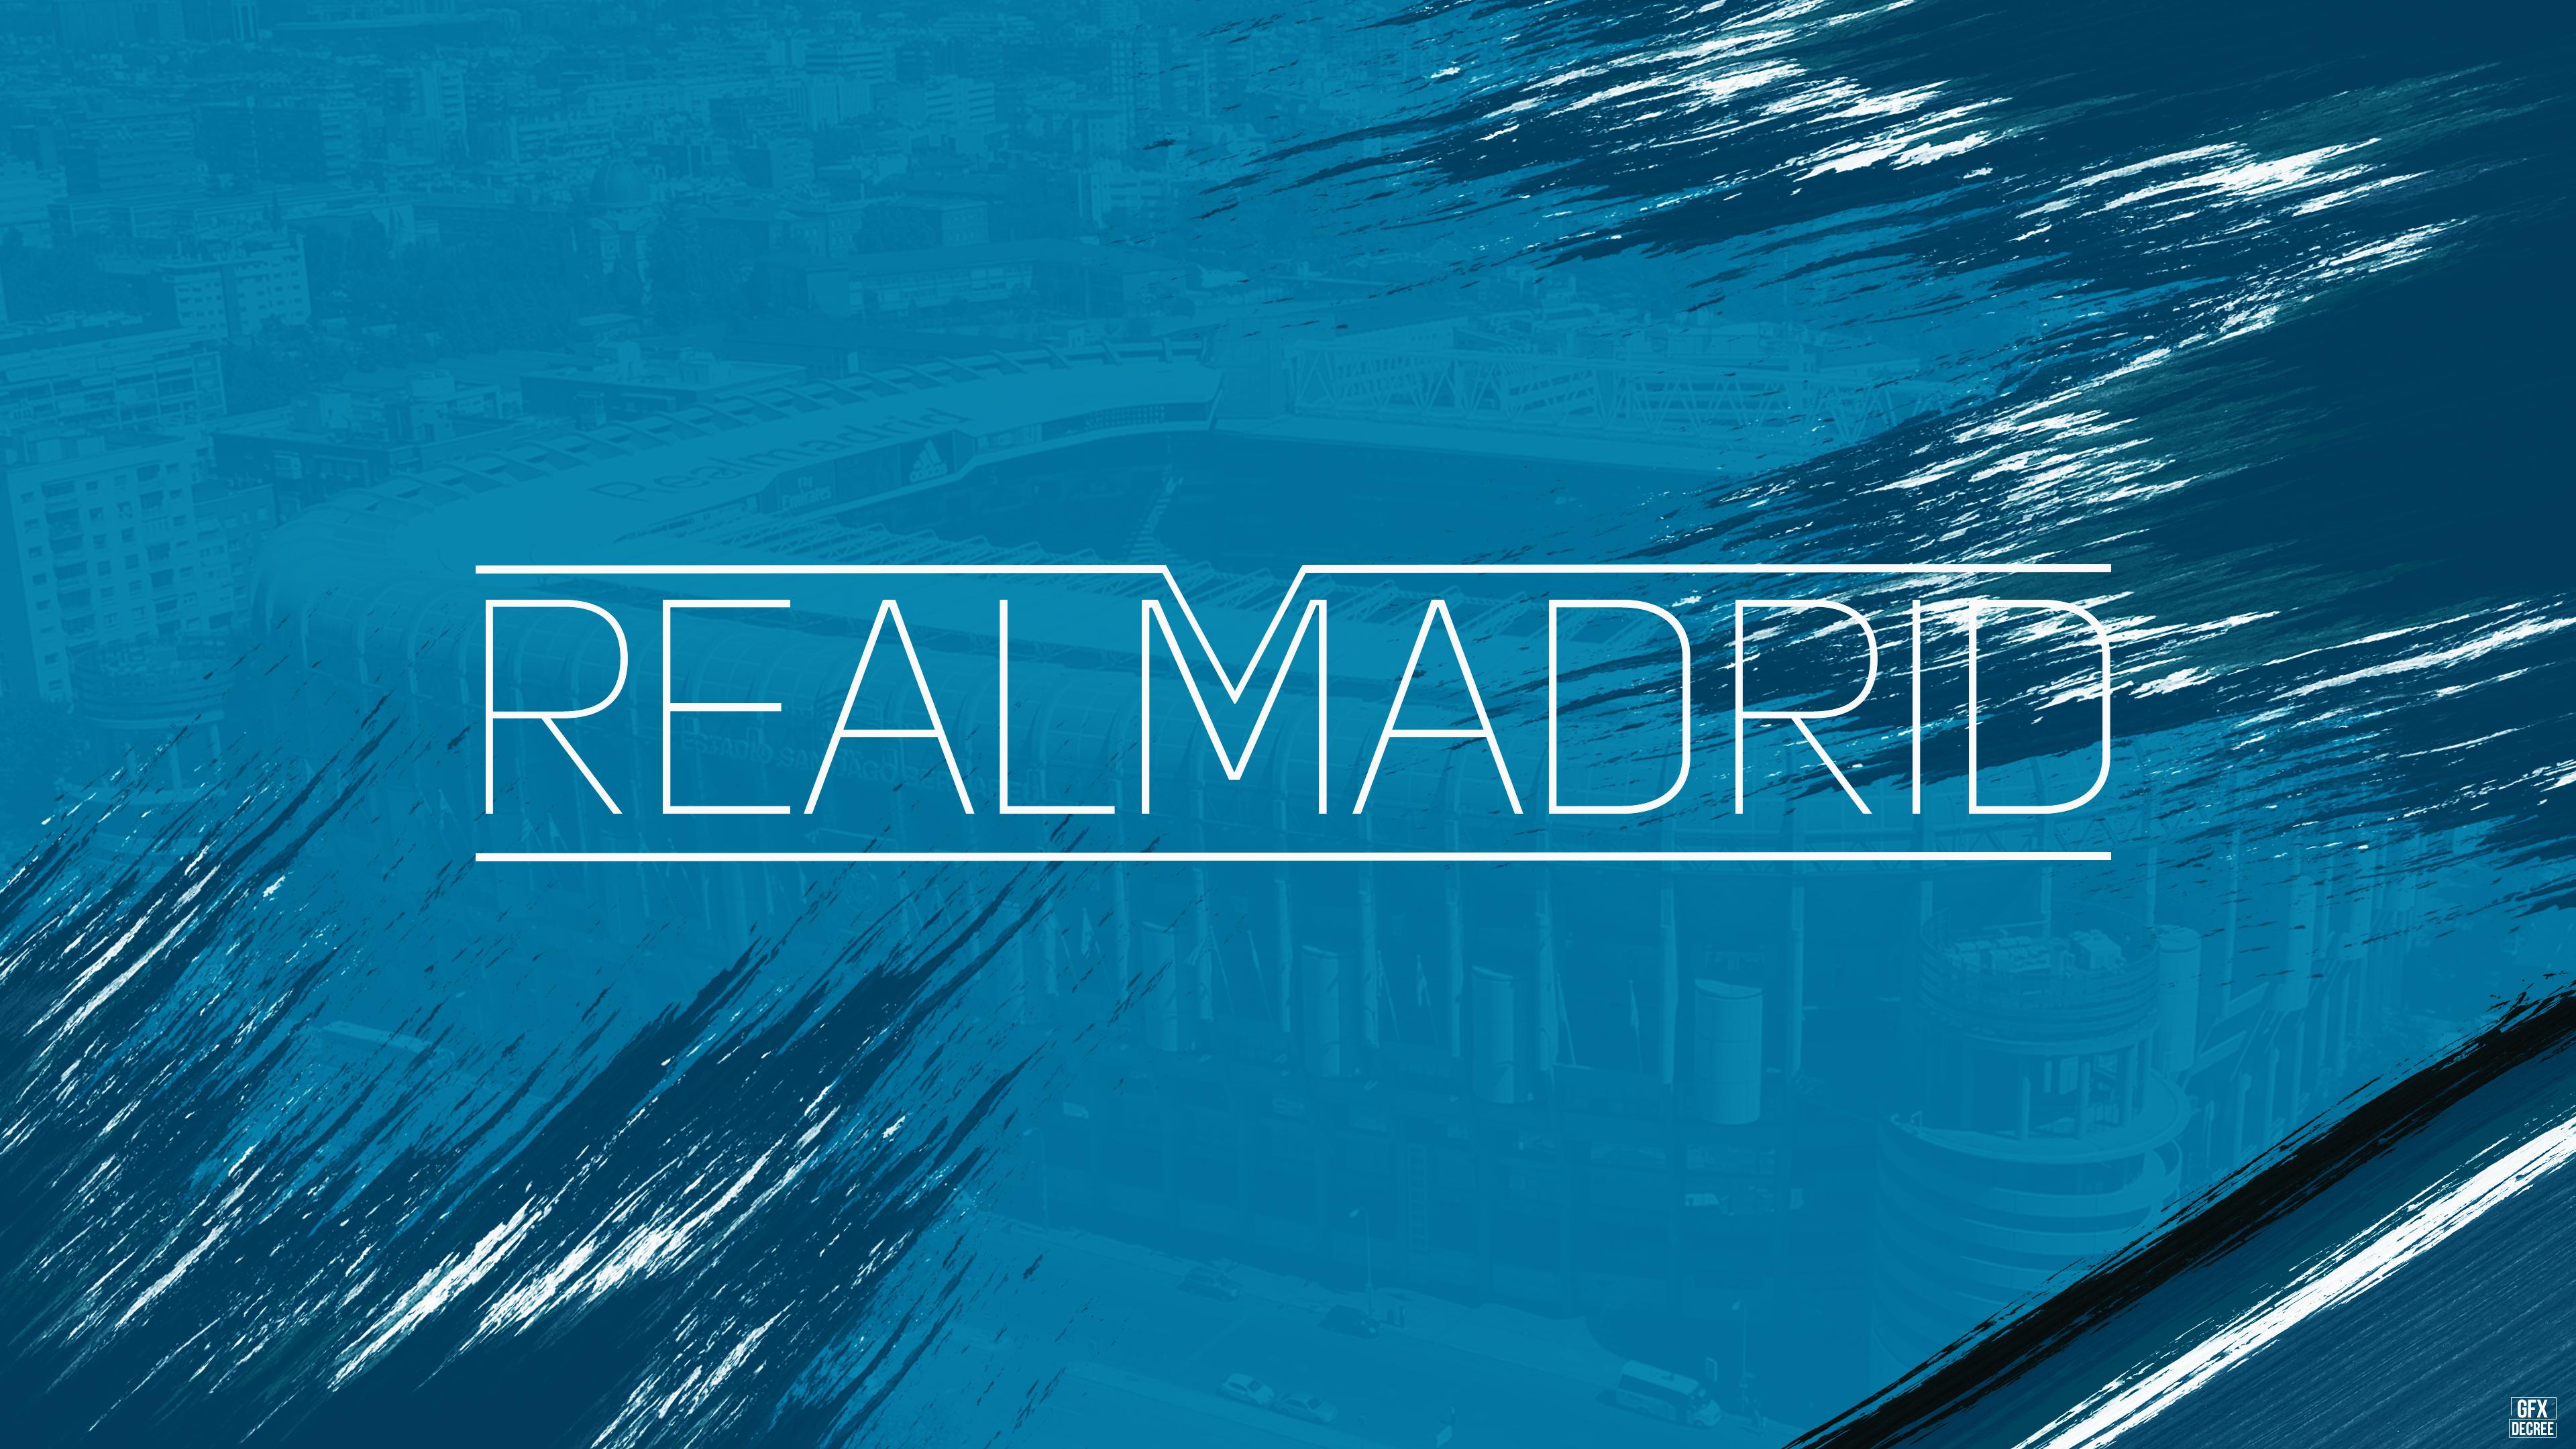 Реал Мадрид cf футбольный клуб обои скачать